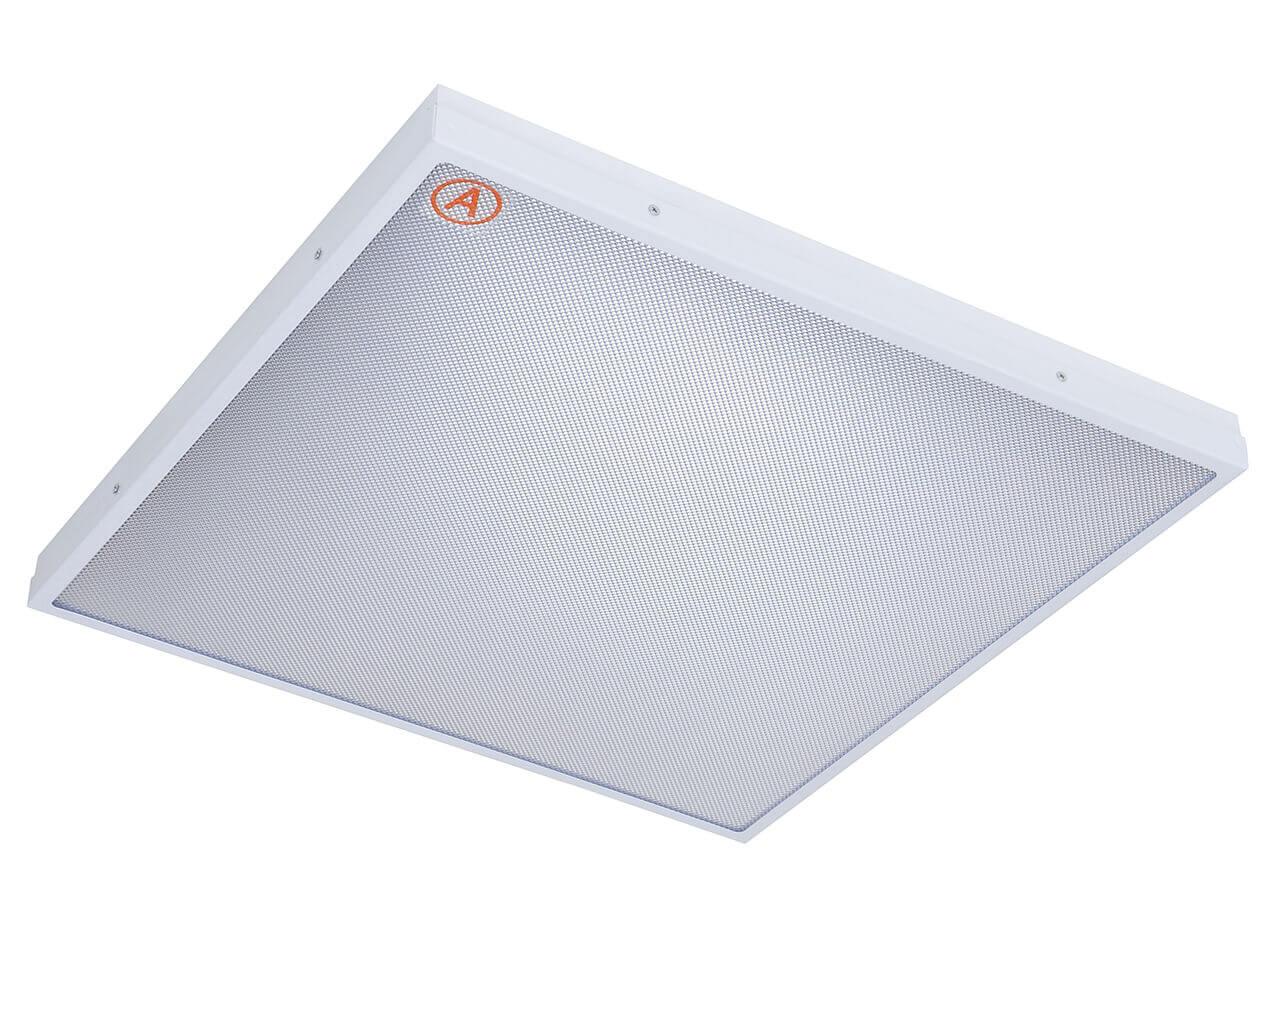 Встраиваемый светильник LC-USIP-80 595x595 Теплый белый Призма с Бап-3 часа